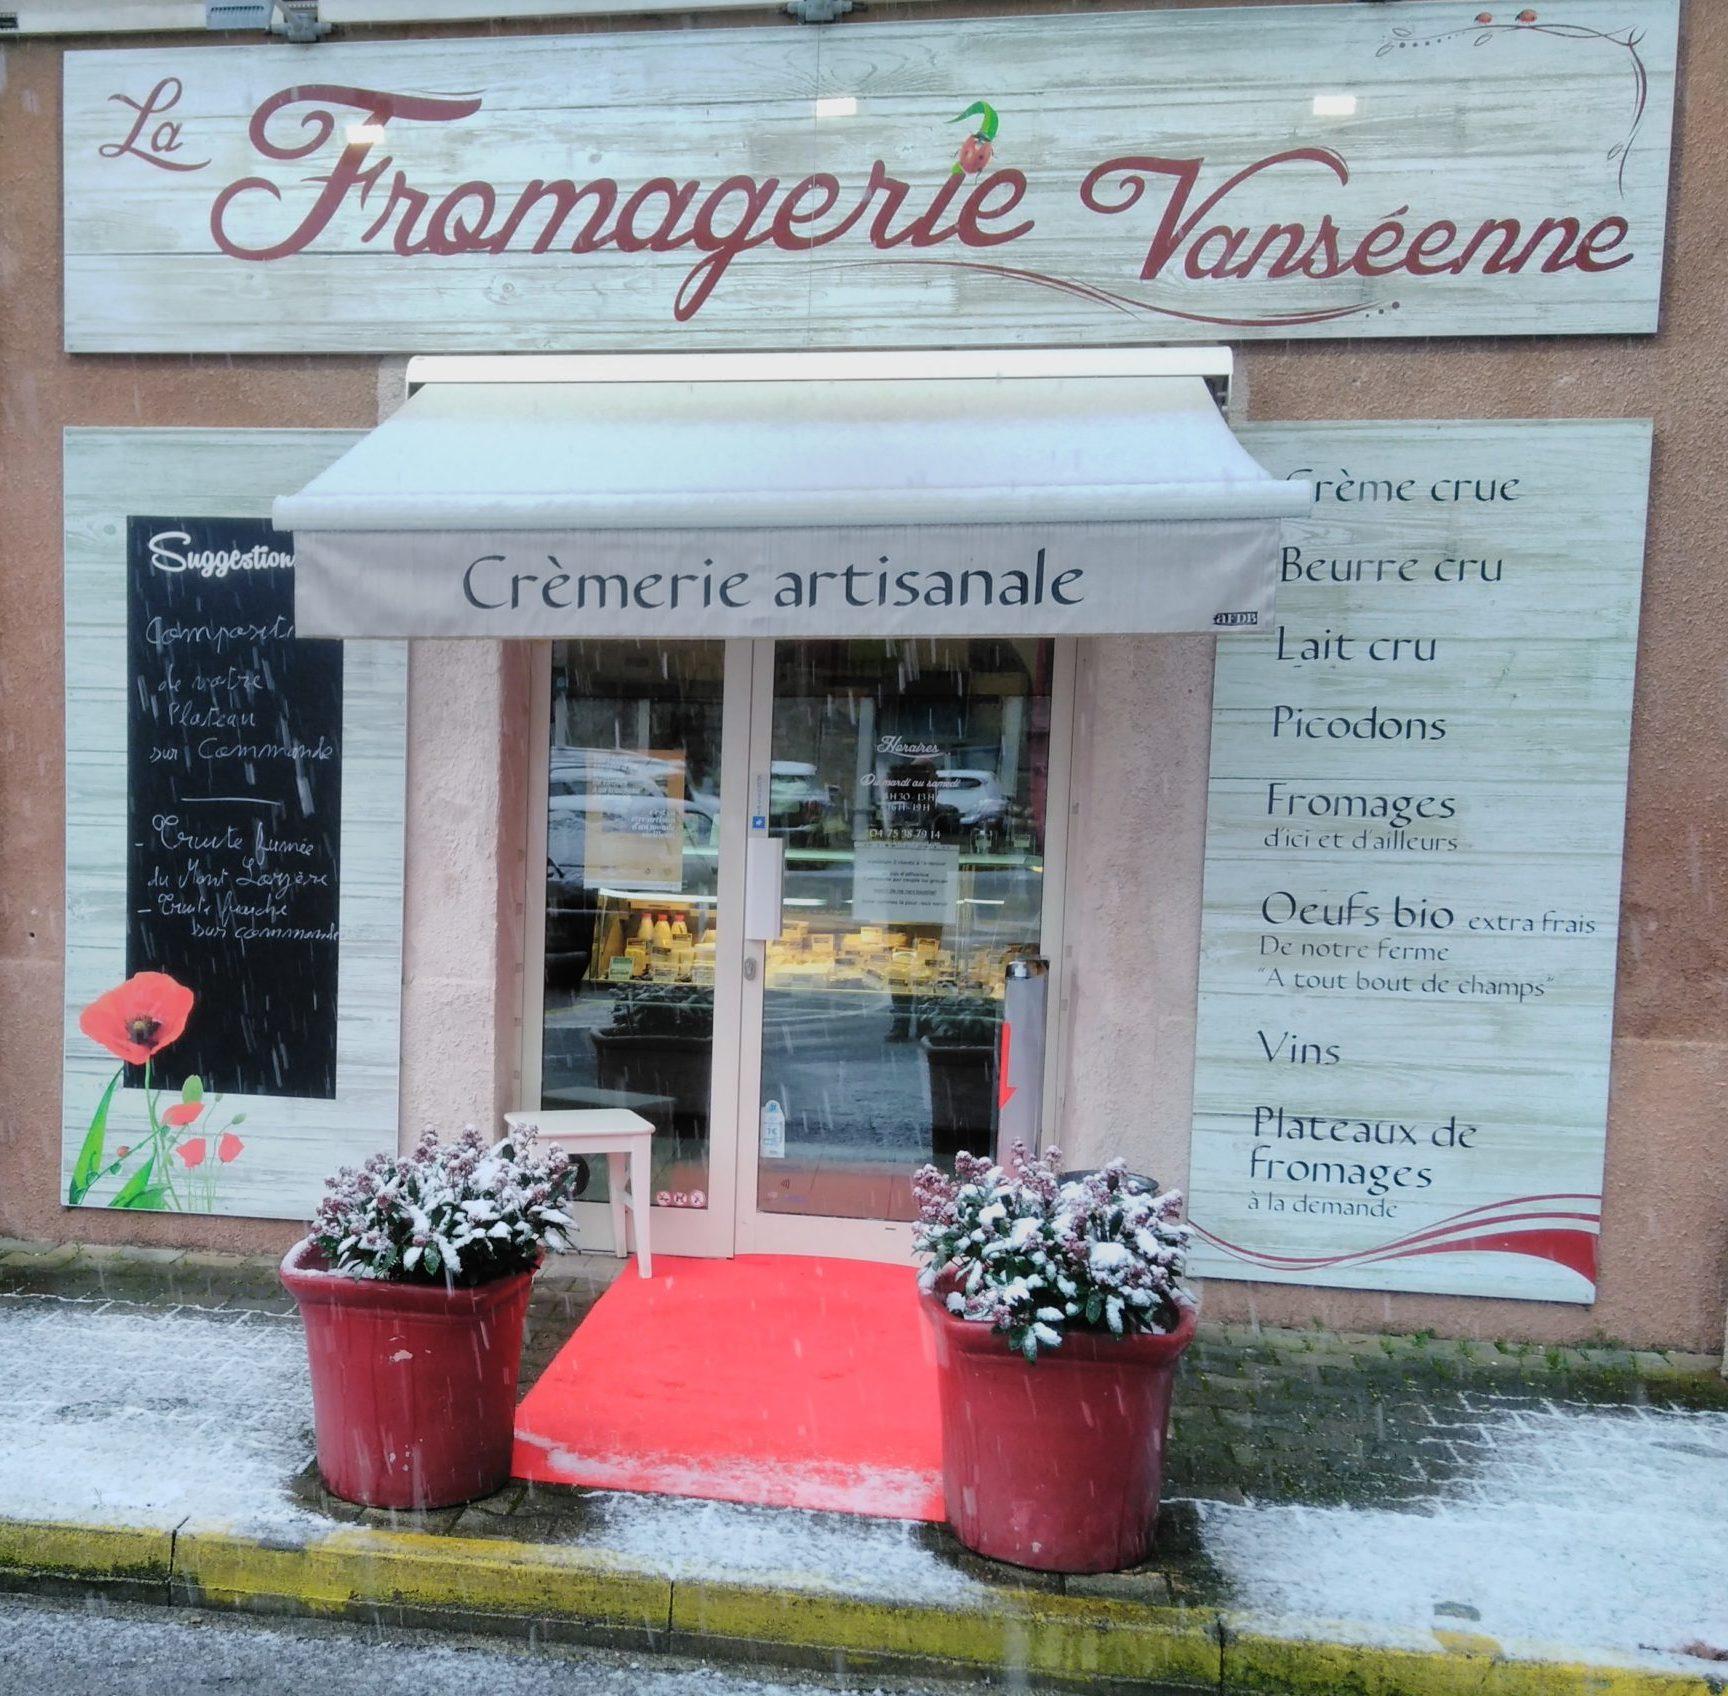 La Fromagerie Vanséenne